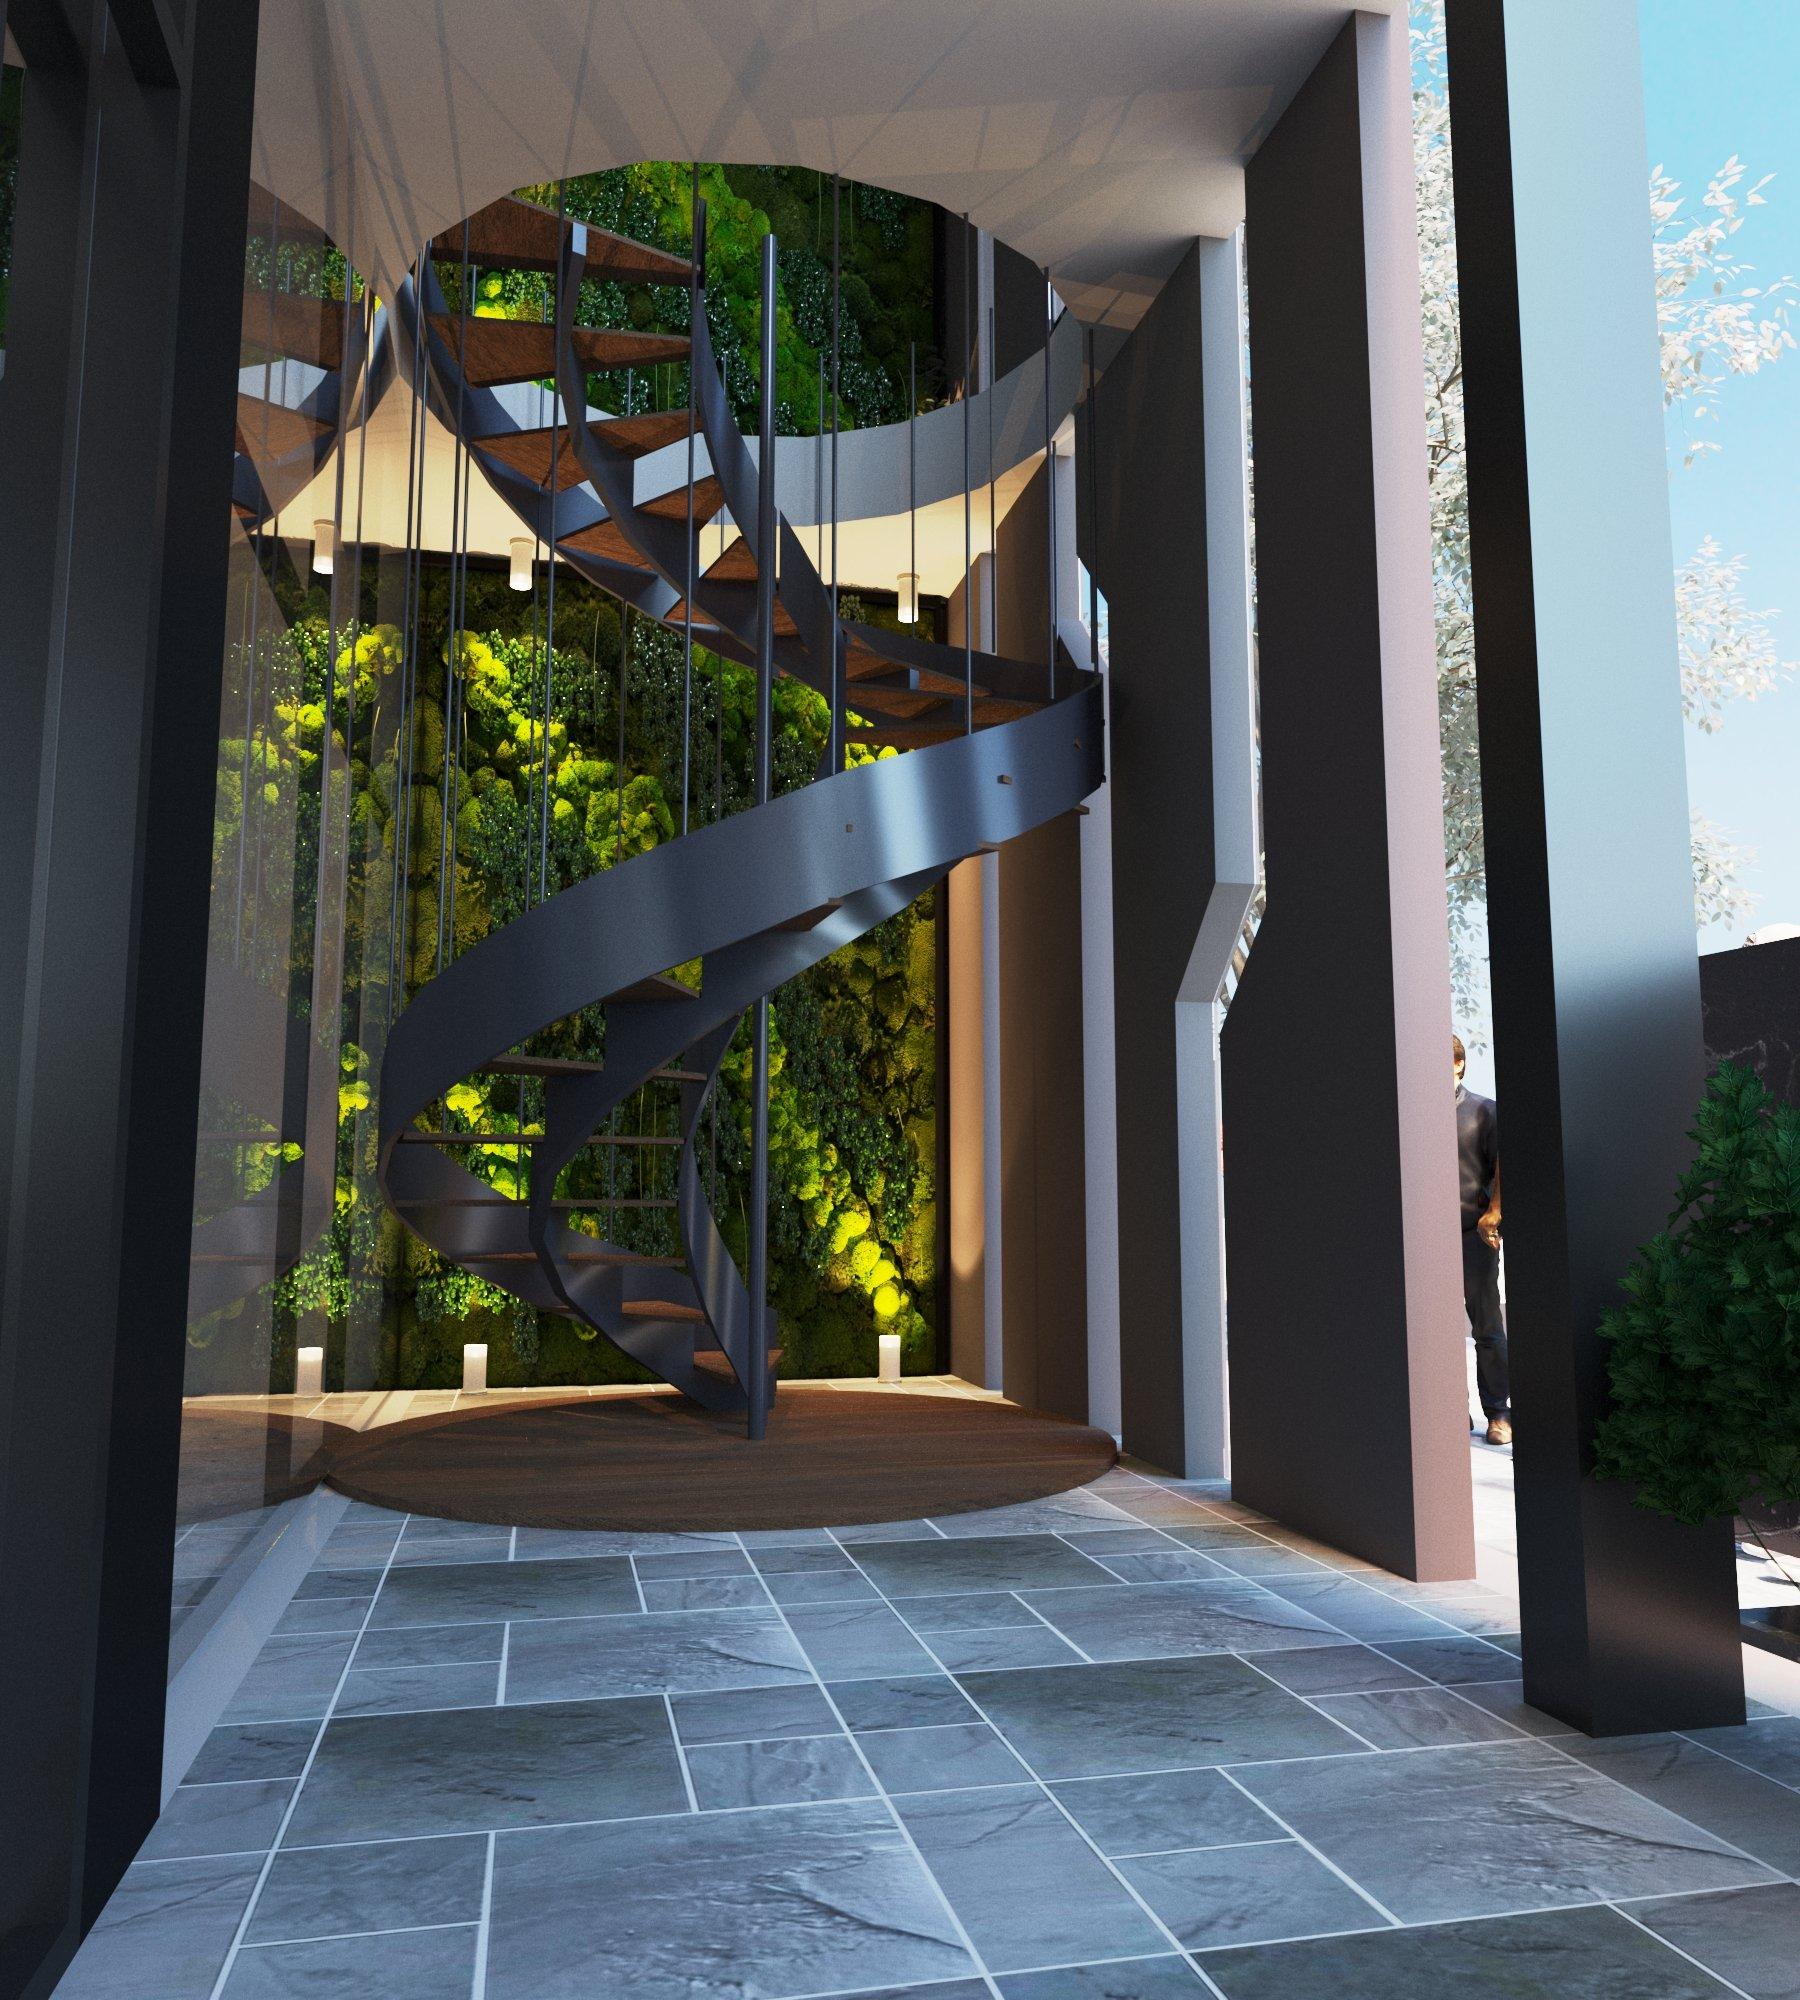 Thiết kế cầu thang nhà thép đi lên tầng 2 với sự cách điệu, lạ mắt